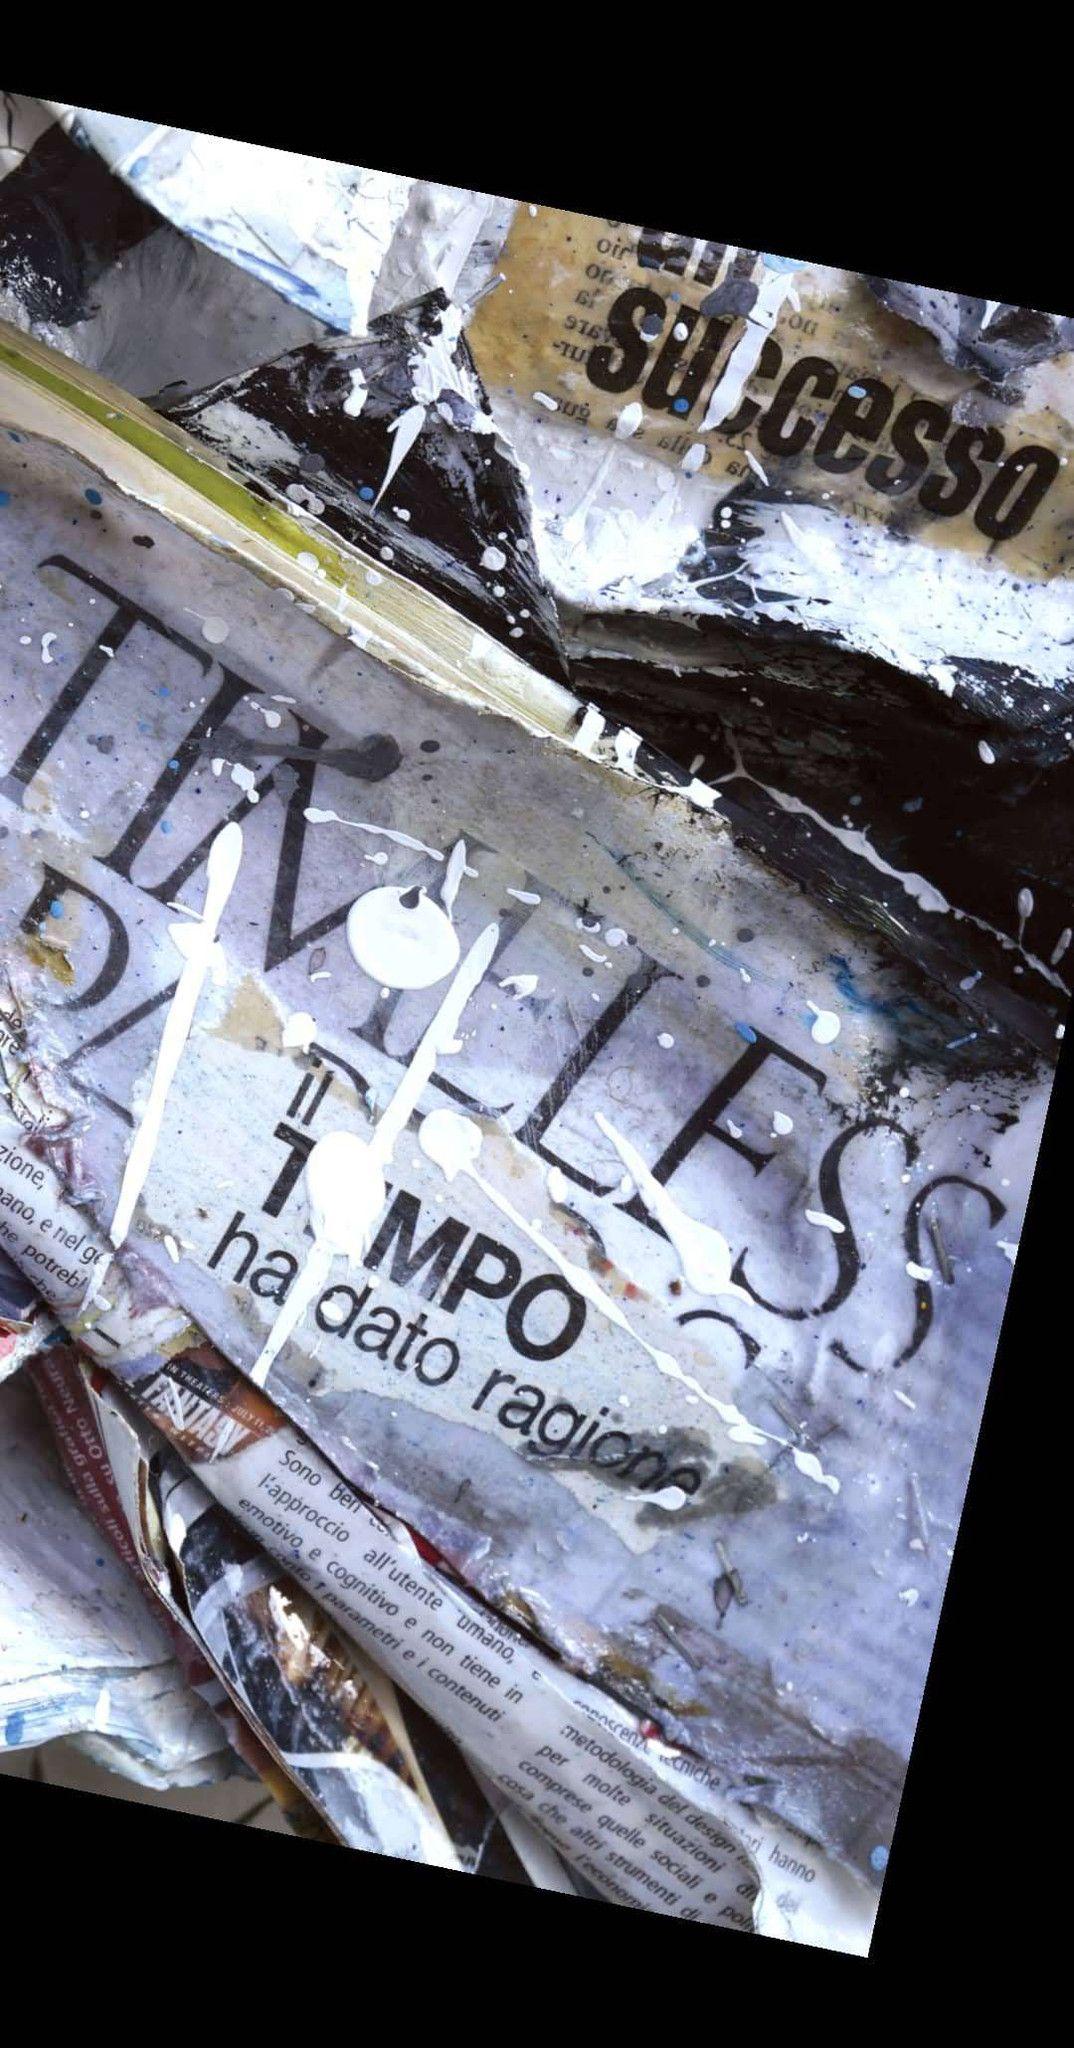 """MIXED MEDIA PAOLO FRANZOSO """" ORA IO SONO """"  dimensioni L 140 x H 140 cm."""